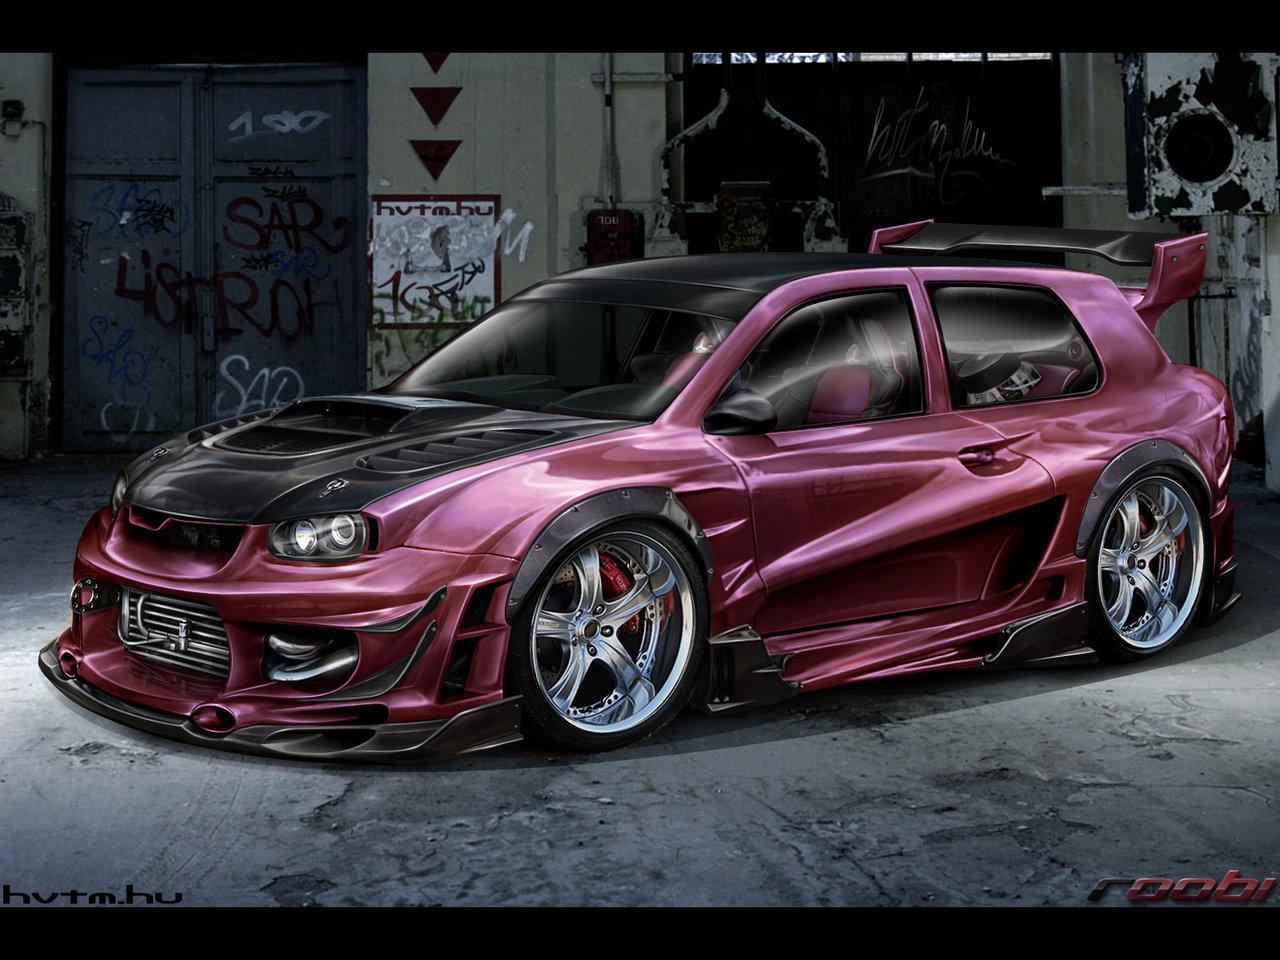 Real wallpapers 3d car wallpaper - 3d car wallpaper ...